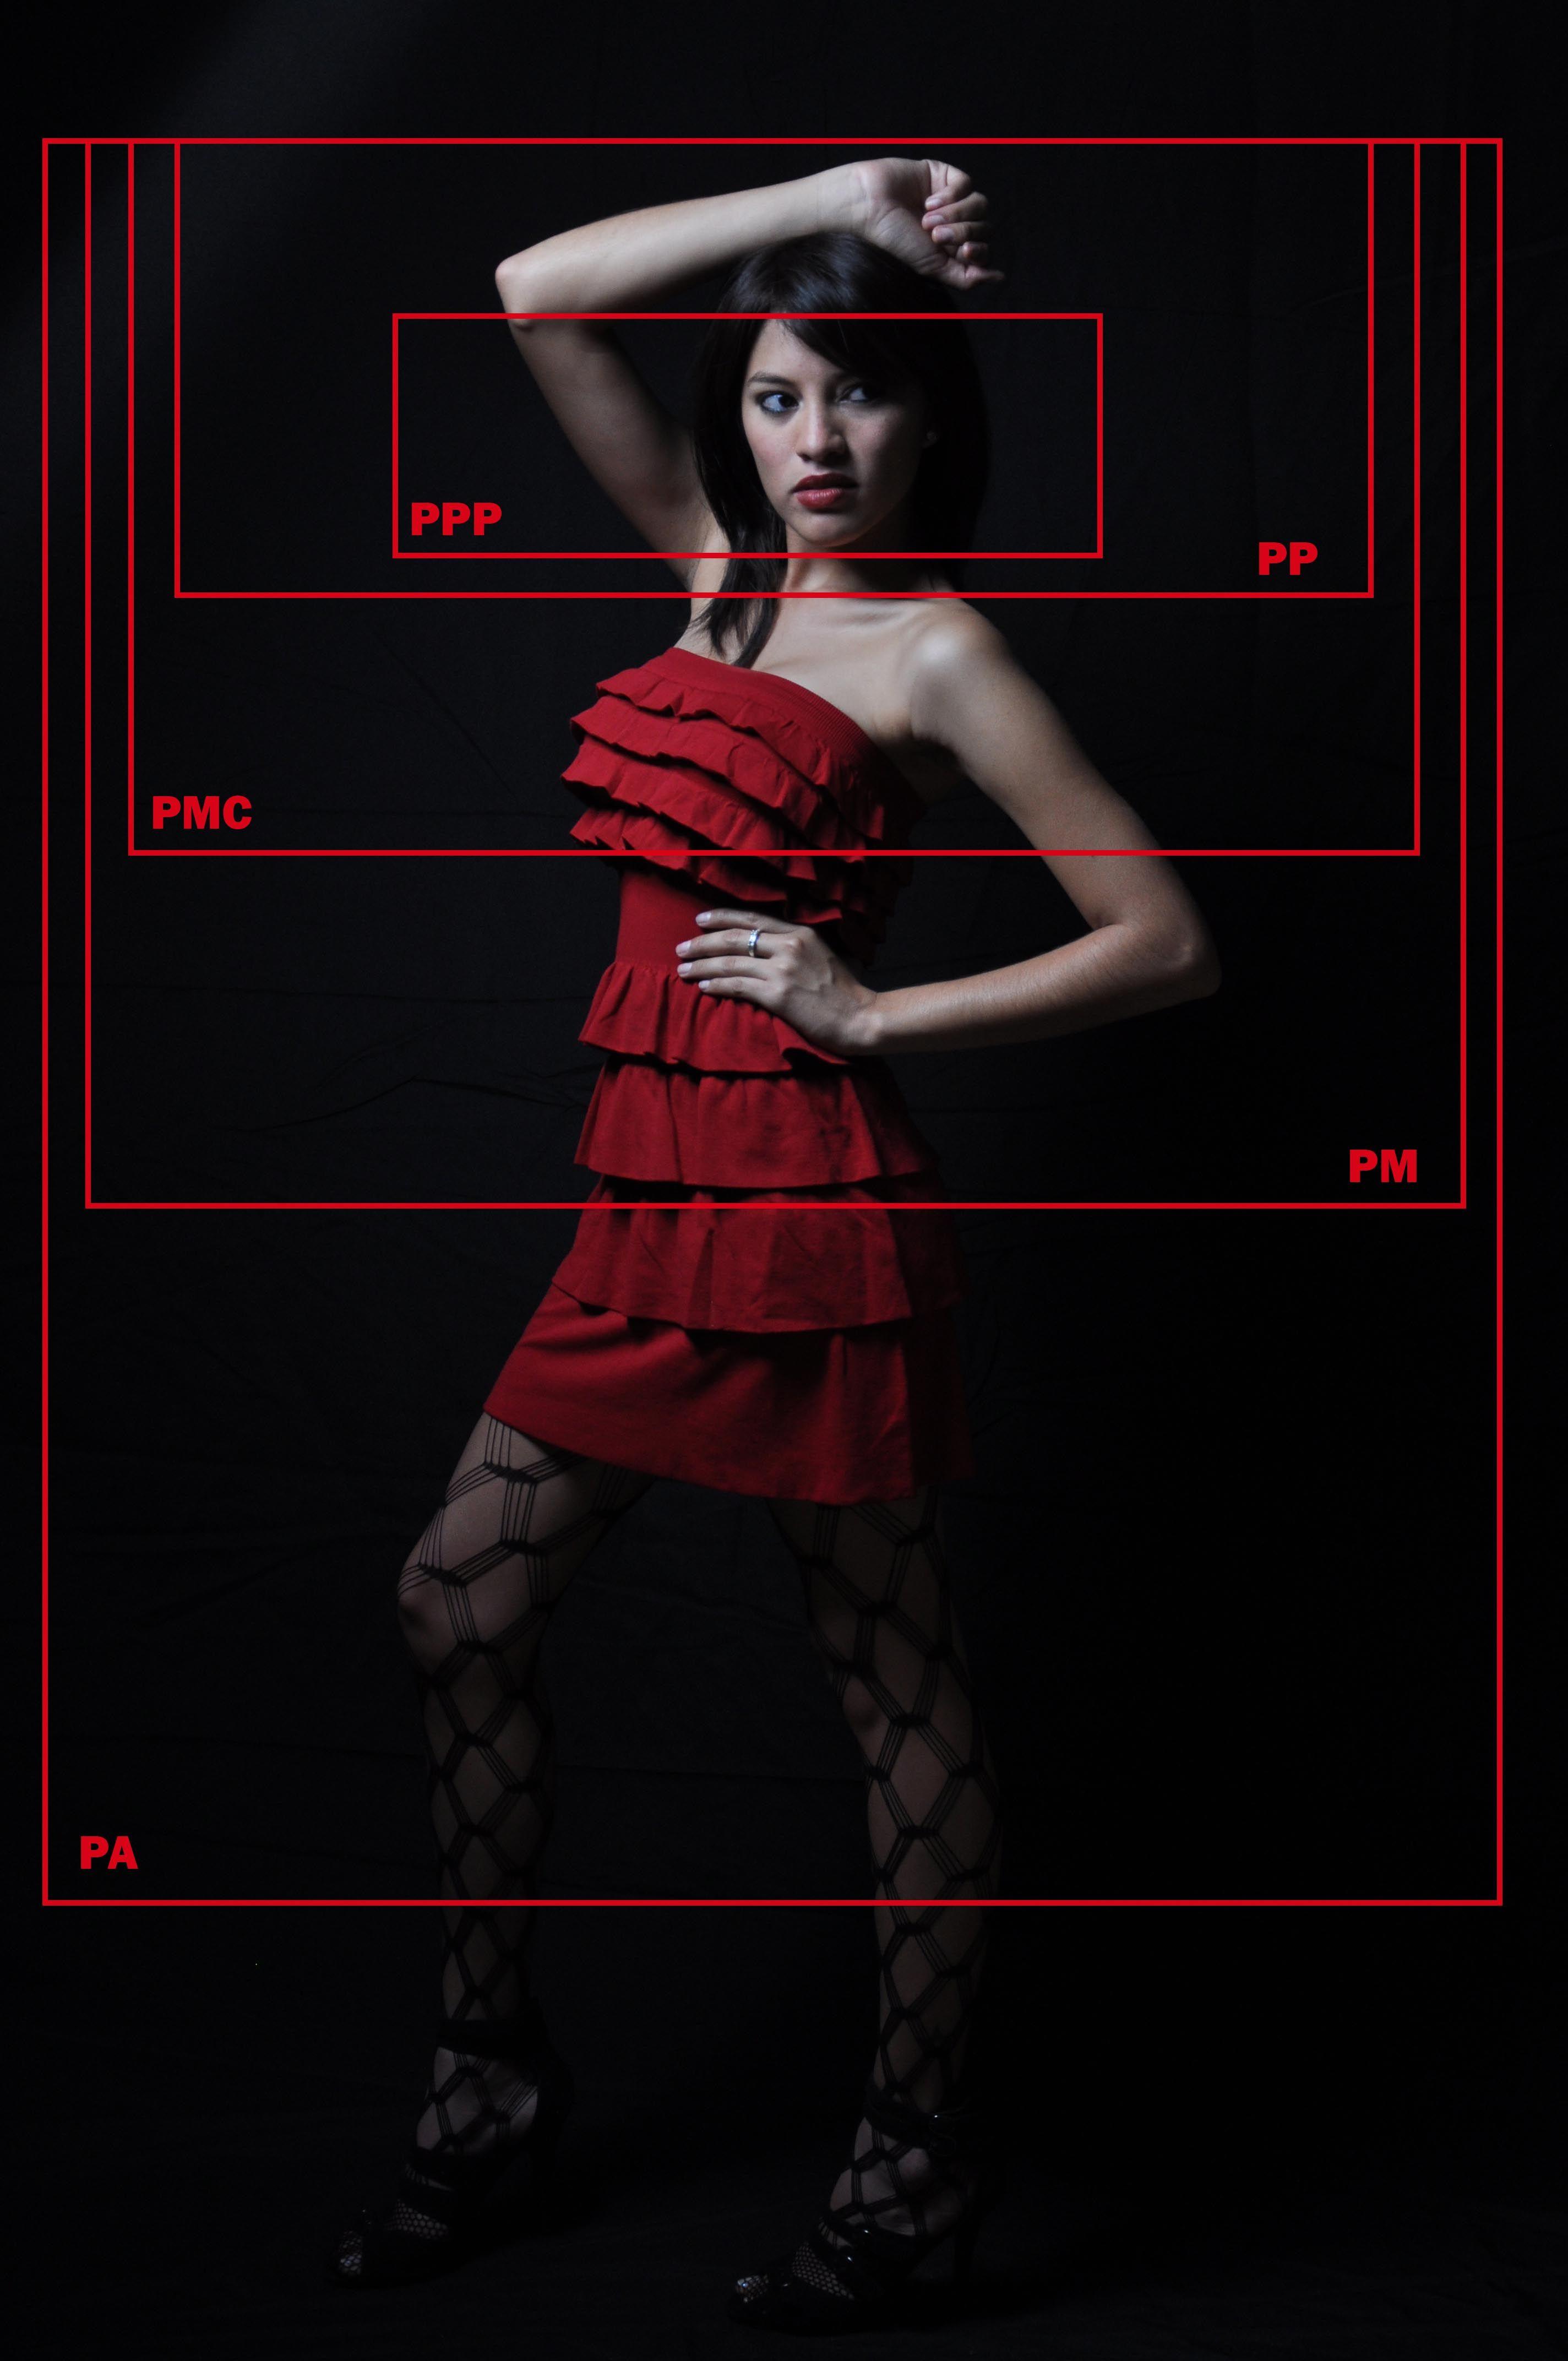 Formatos de planos en retrato fotográfico. | Libros de fotografia ...